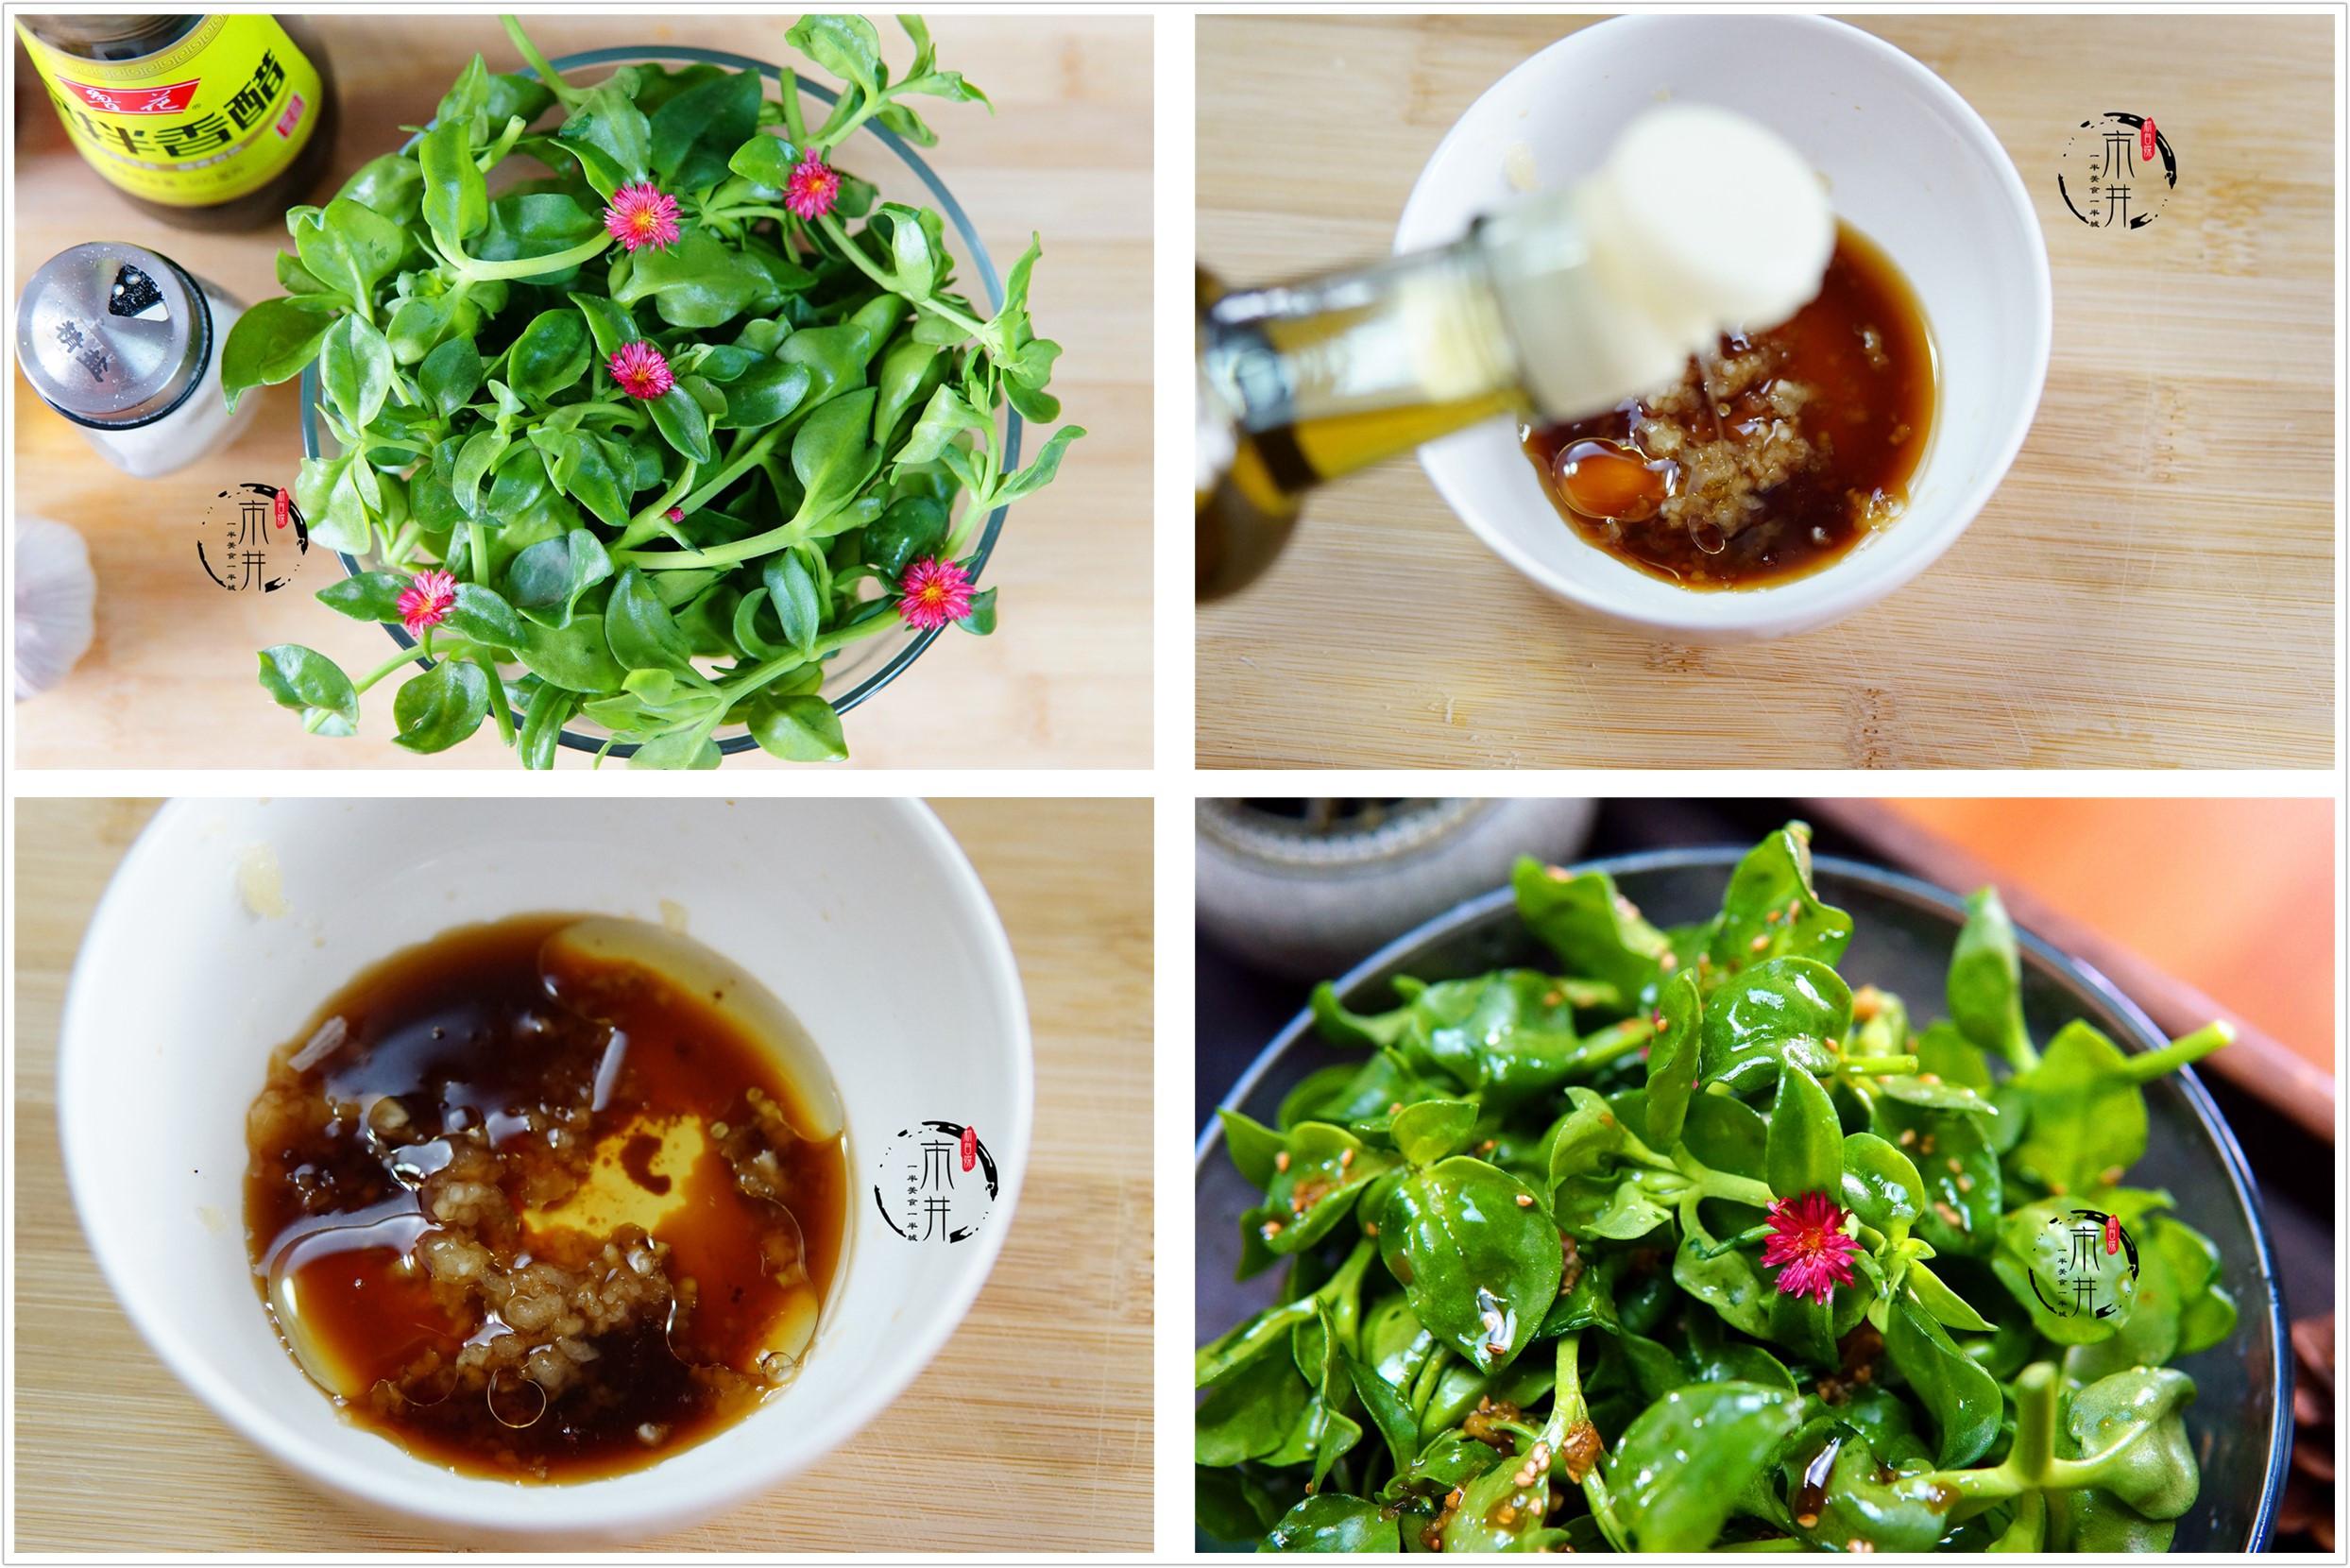 夏天,就馋这6道凉拌菜,简单还好吃,整个夏天吃不烦,要收藏 美食做法 第3张